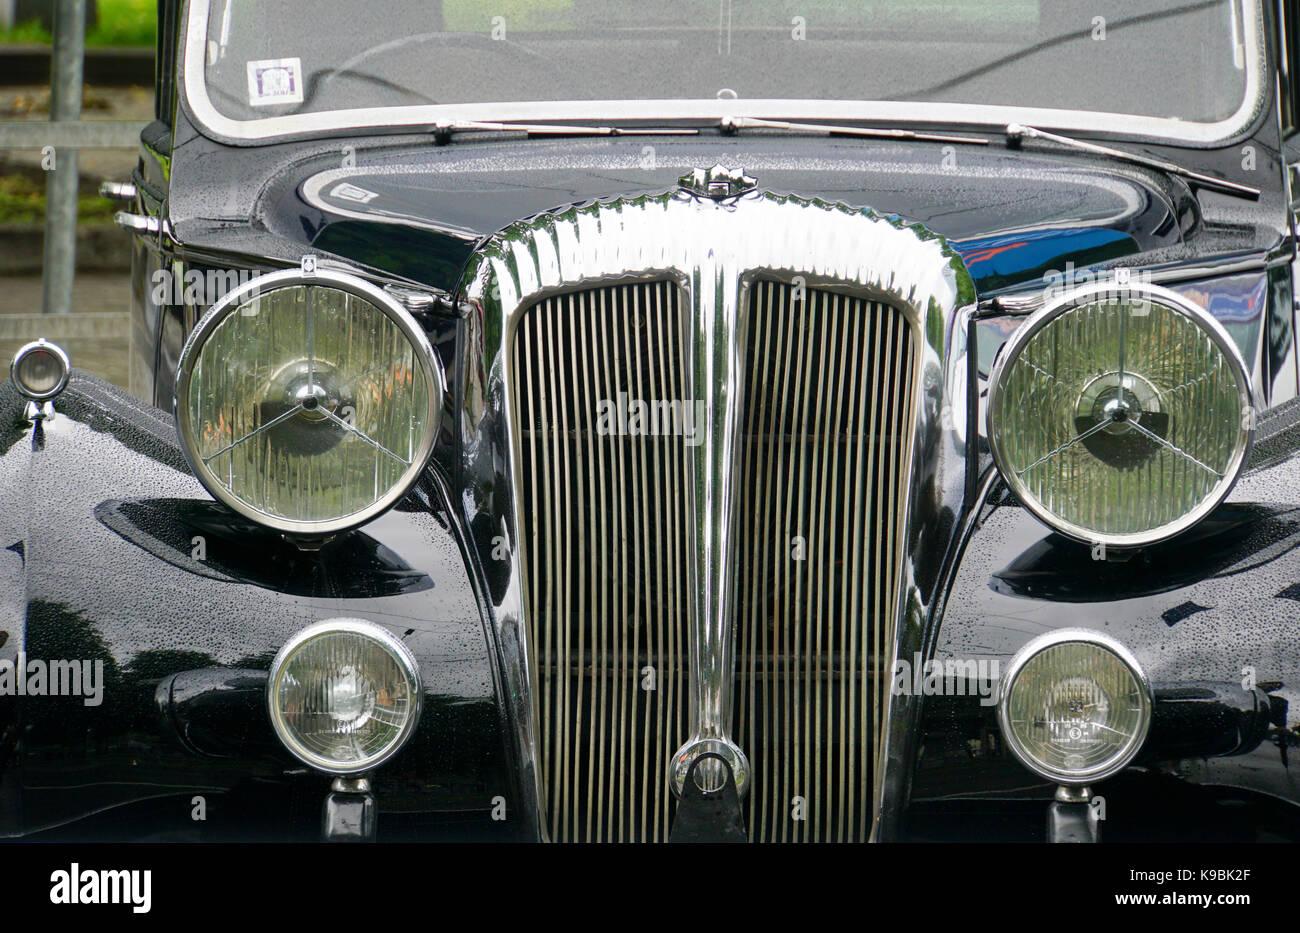 Corgi Repuesto Daimler DC27 Grill